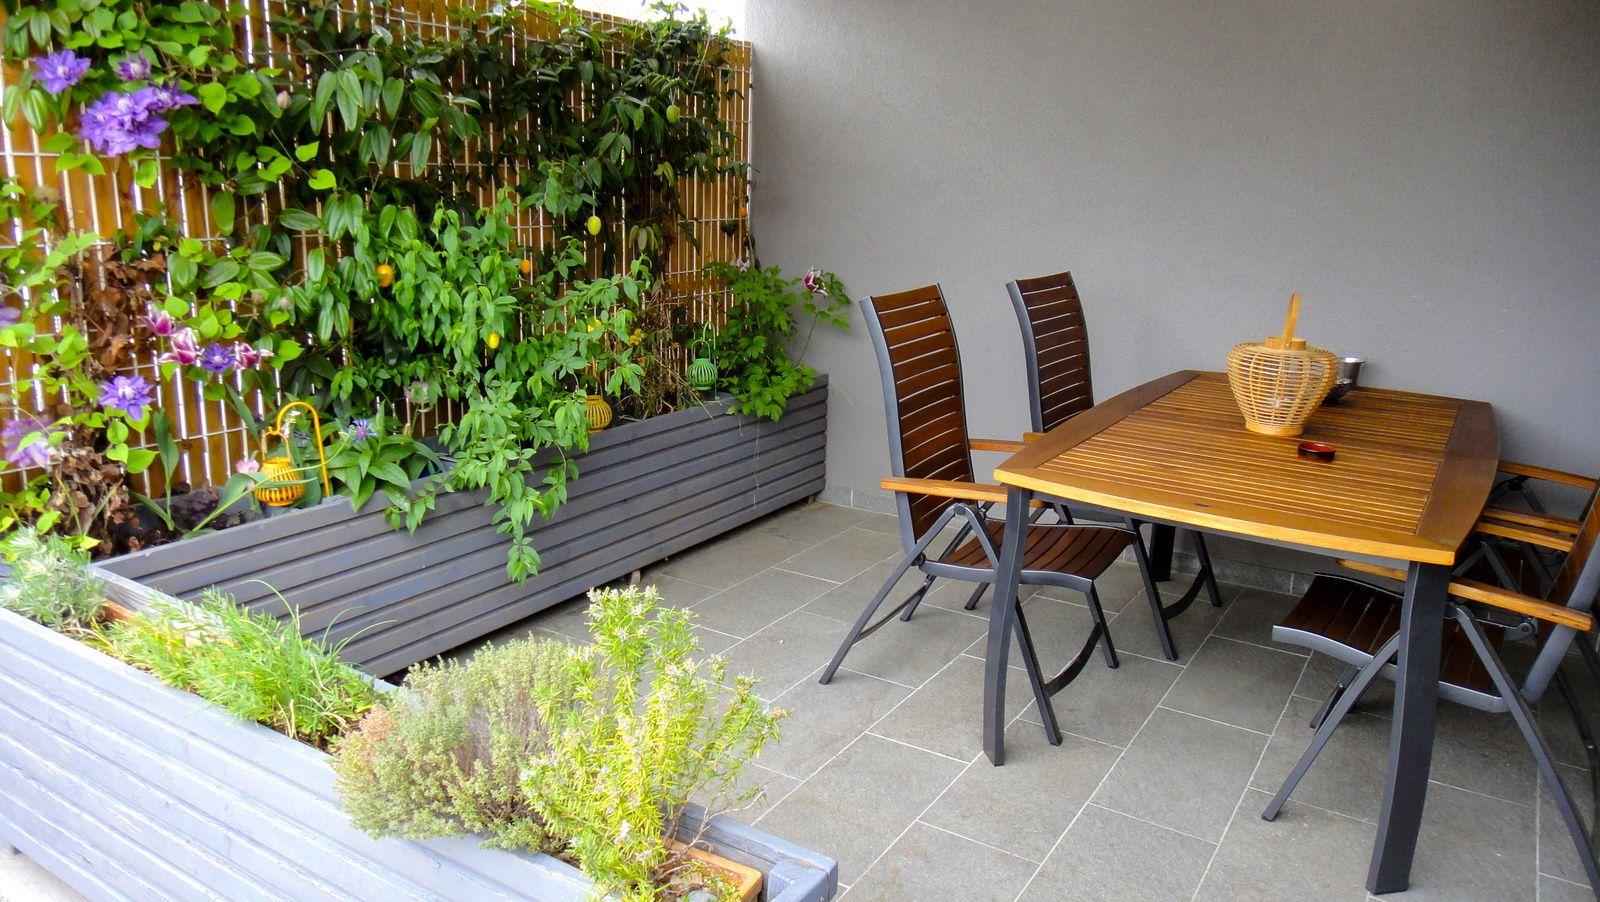 Maison individuelle avec jardin & terrasse couverte au coeur de l'Alsace